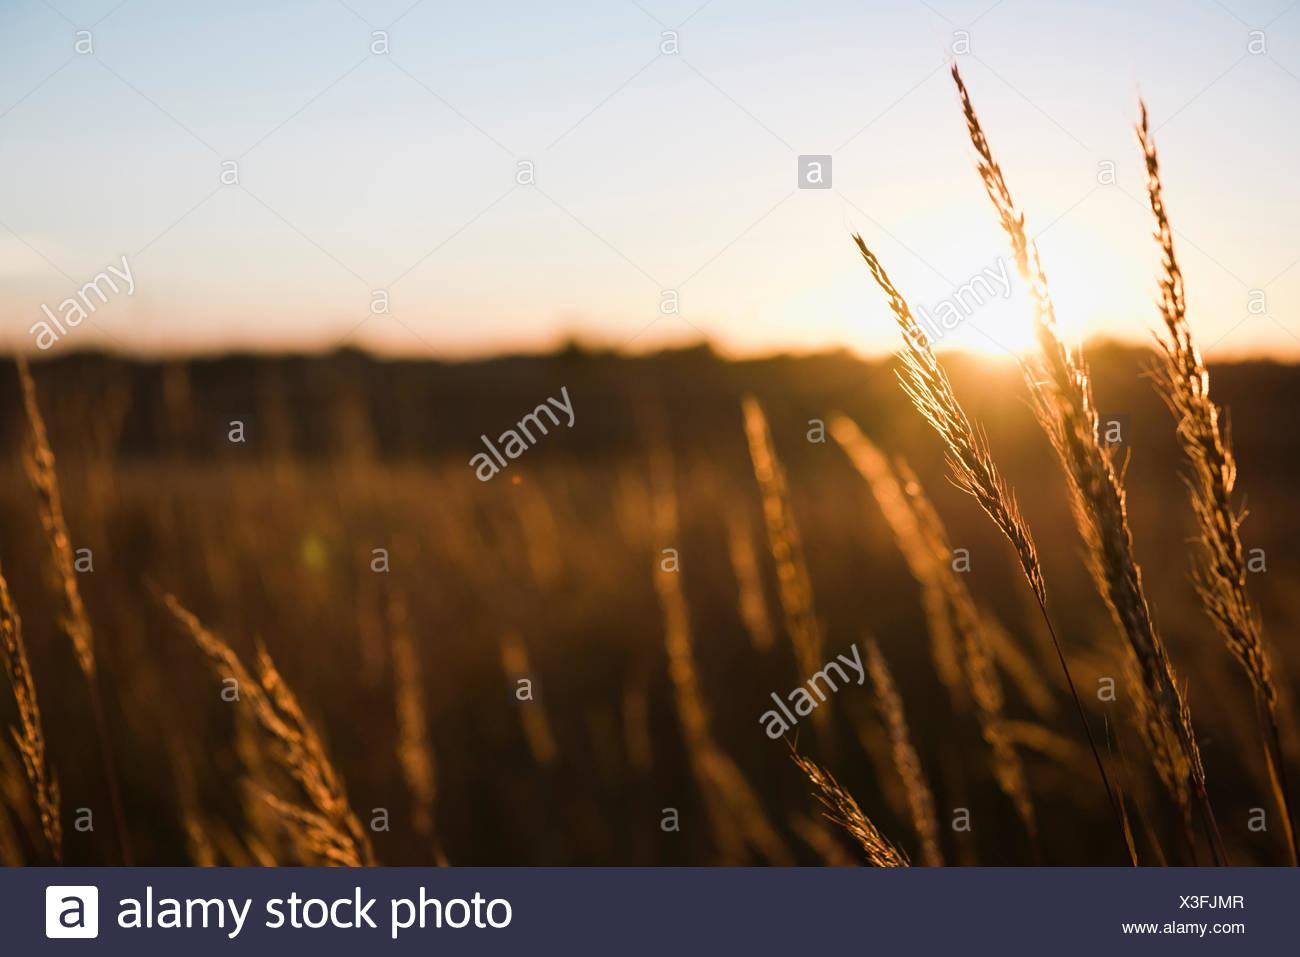 Wheat field at sunset, Missouri, USA - Stock Image